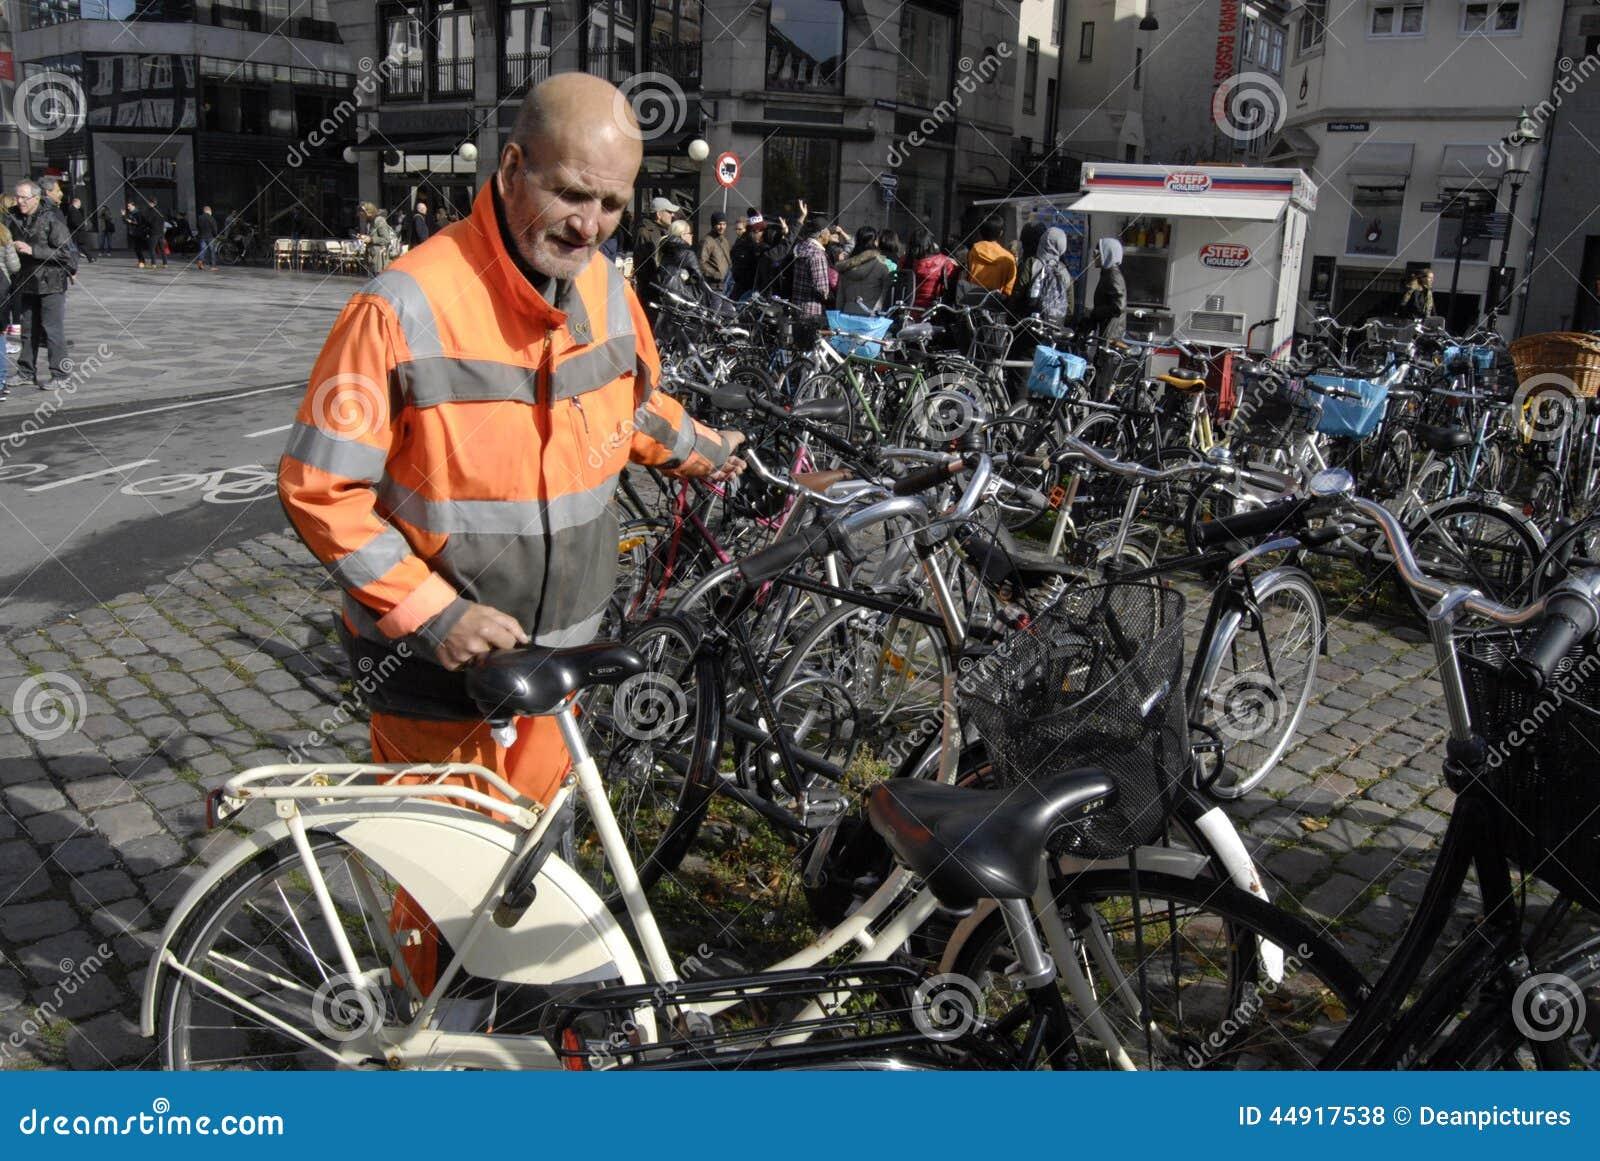 理事会工作者整理骑自行车